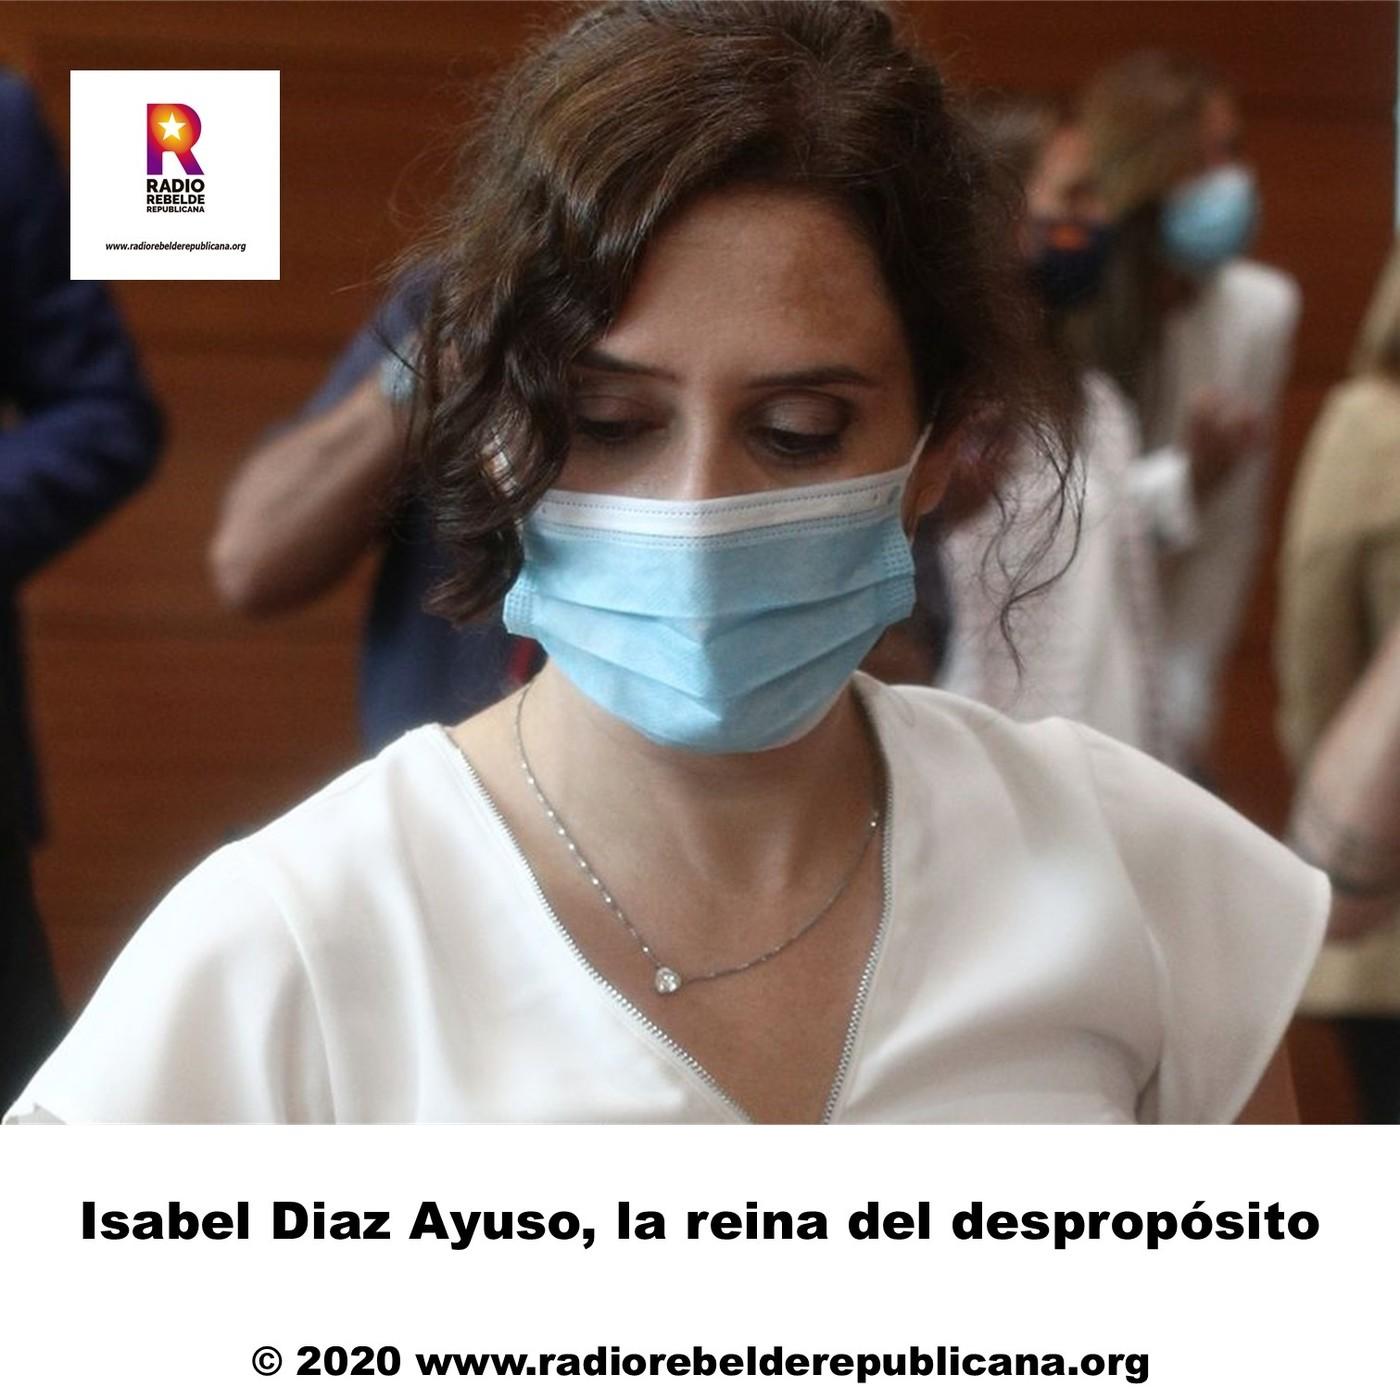 Isabel Diaz Ayuso, la reina del despropósito